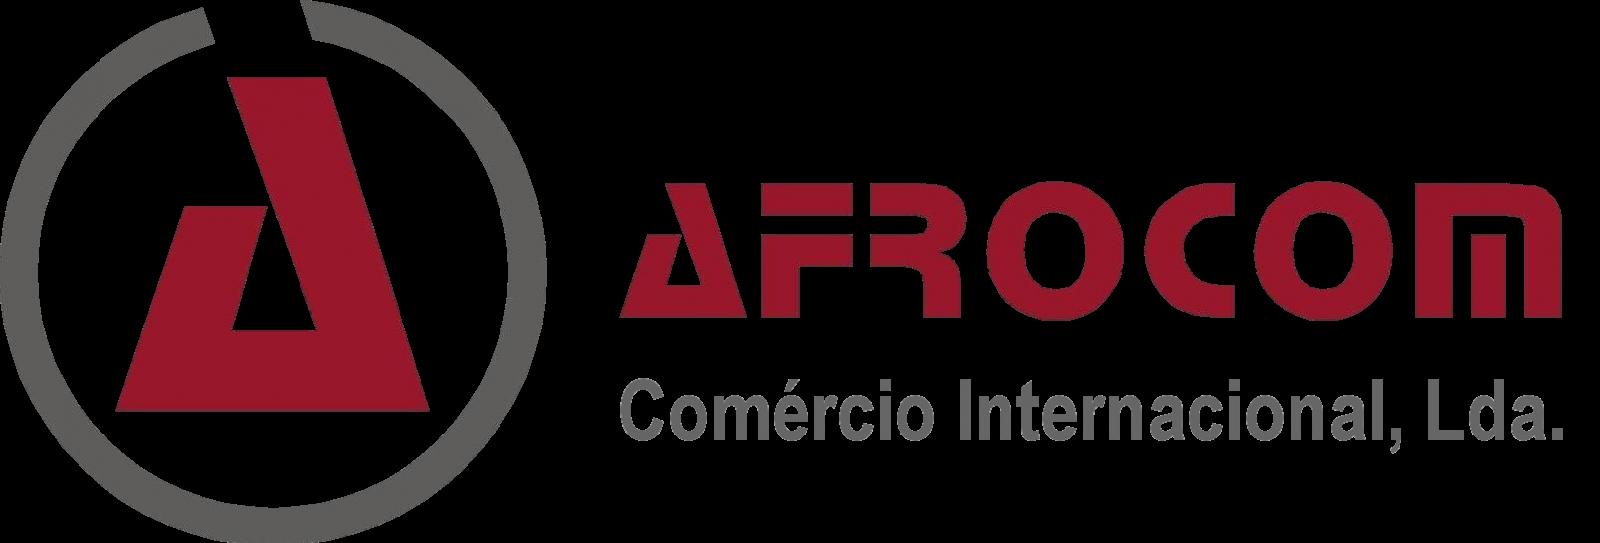 AFROCOM – Comércio Internacional, Lda.